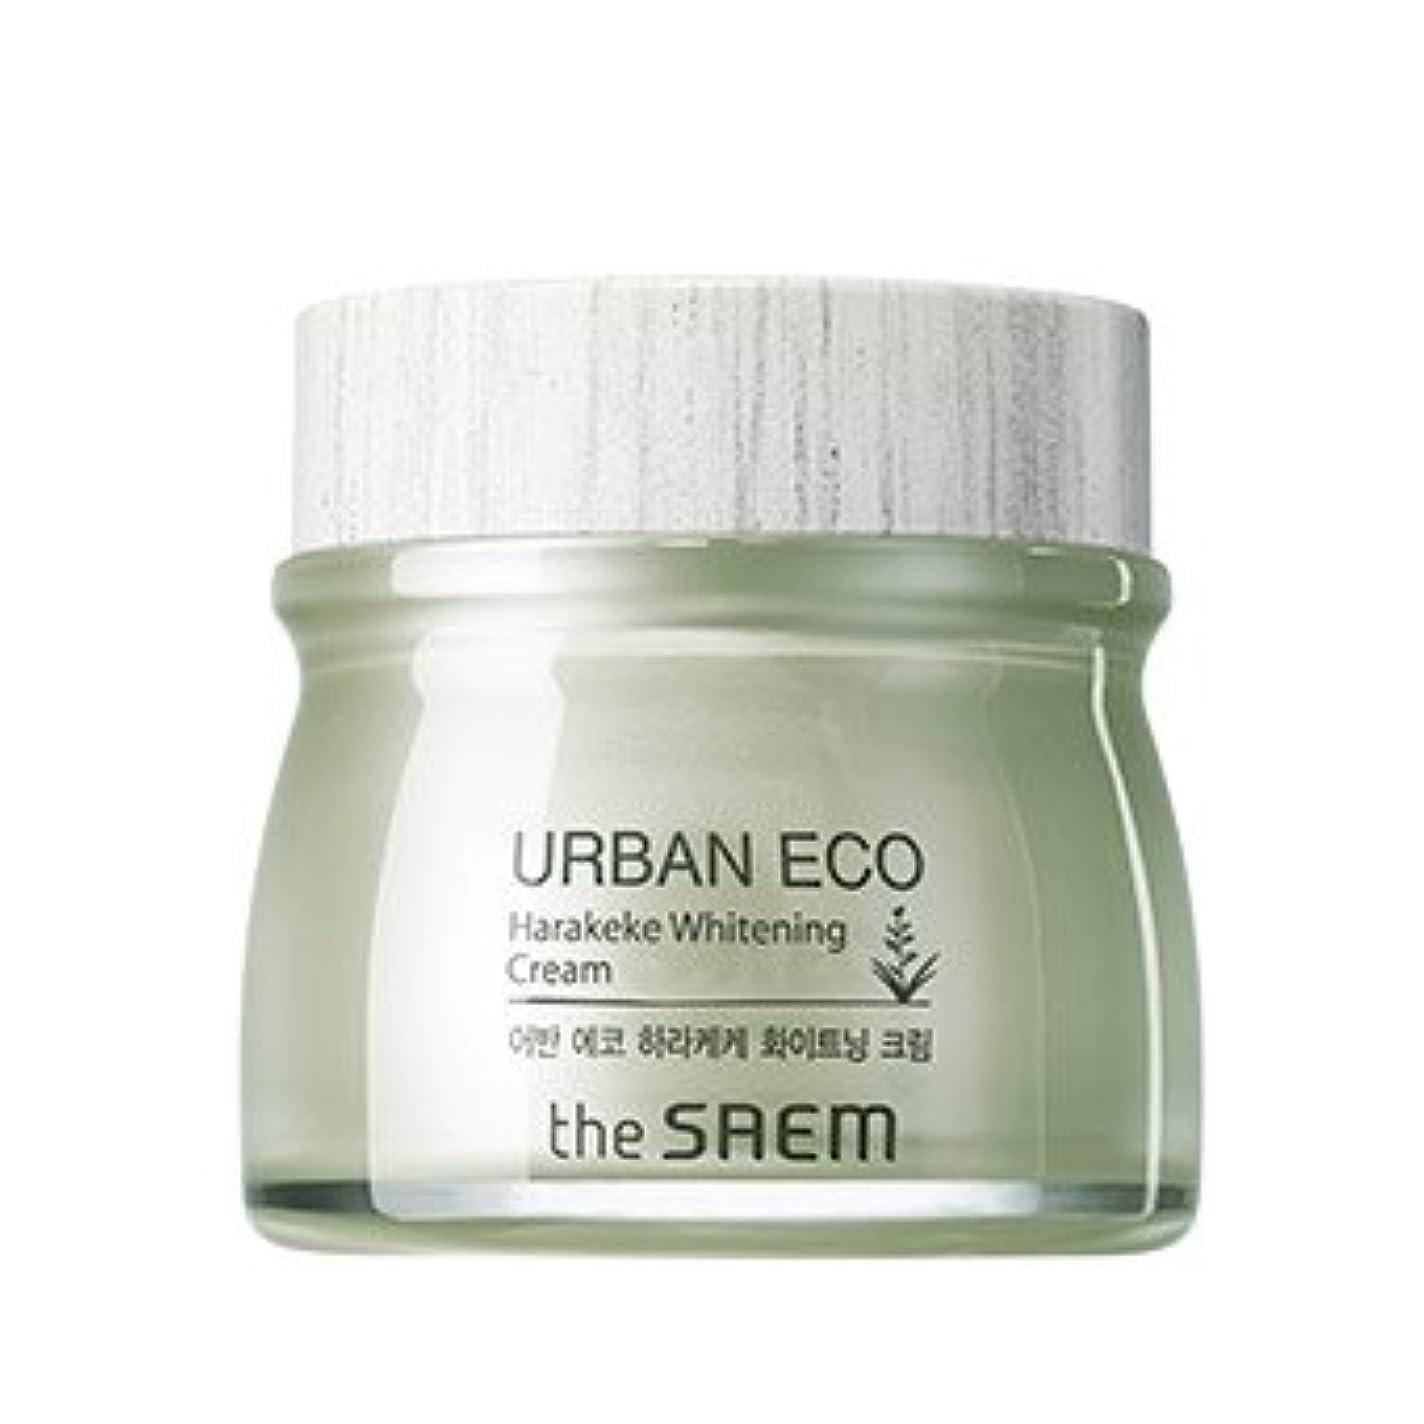 オートメーションスリンクシネウィthe SAEM Urban Eco Harakeke Whitening Cream 60ml/ザセム アーバン エコ ハラケケ ホワイトニング クリーム 60ml